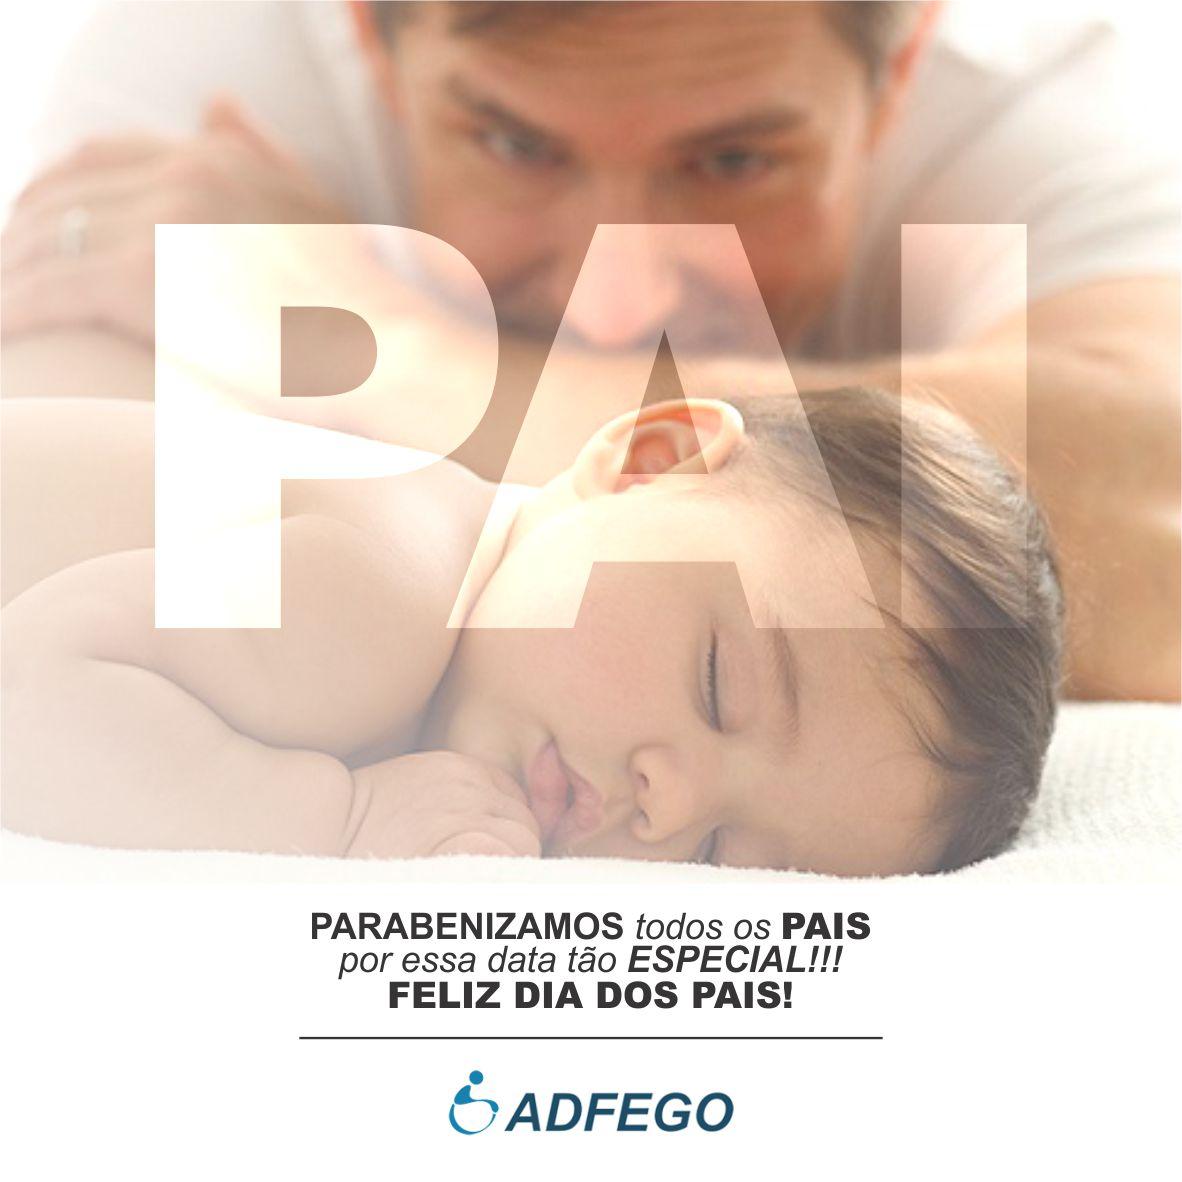 pais-adfego